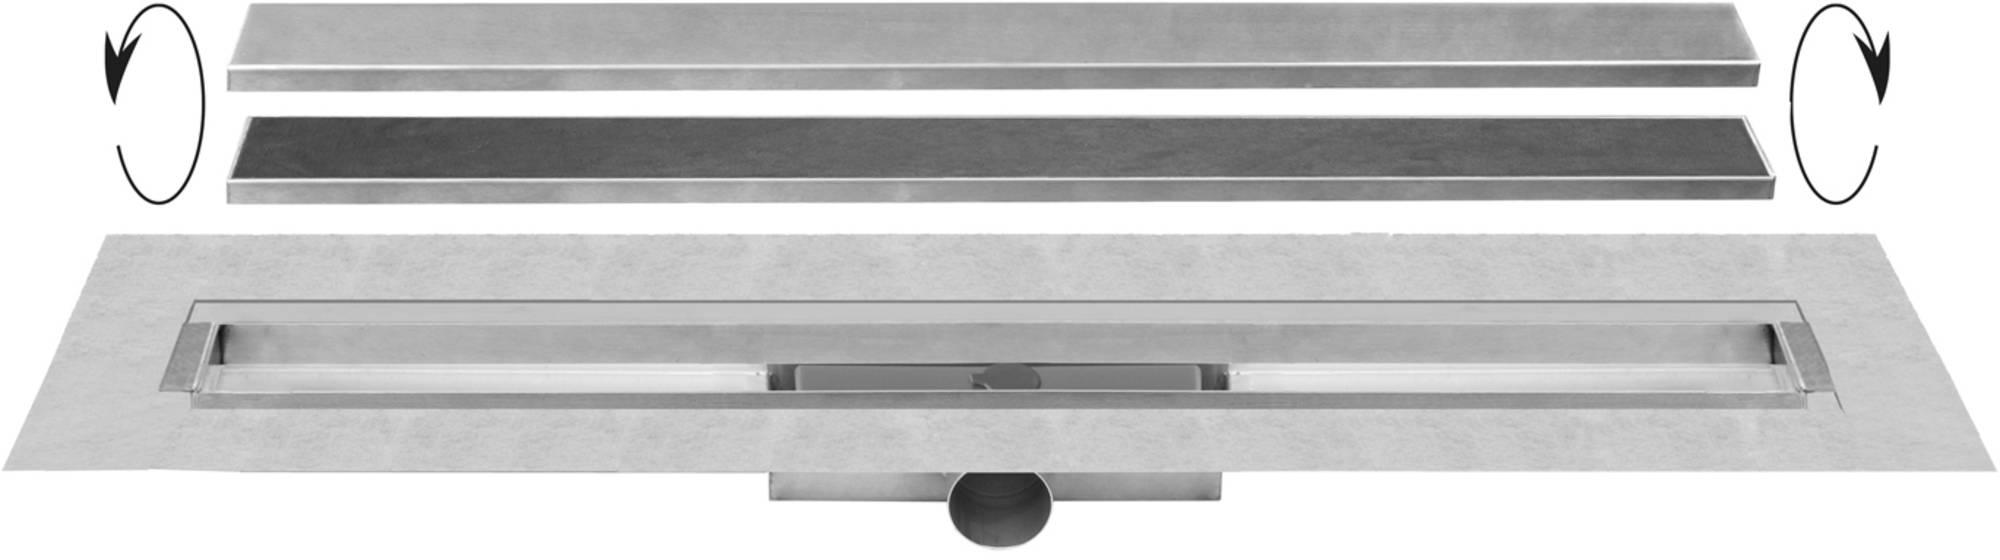 Easydrain Compact 30 taf afvoergoot 90 cm,rooster als zero of tegel design, rvs